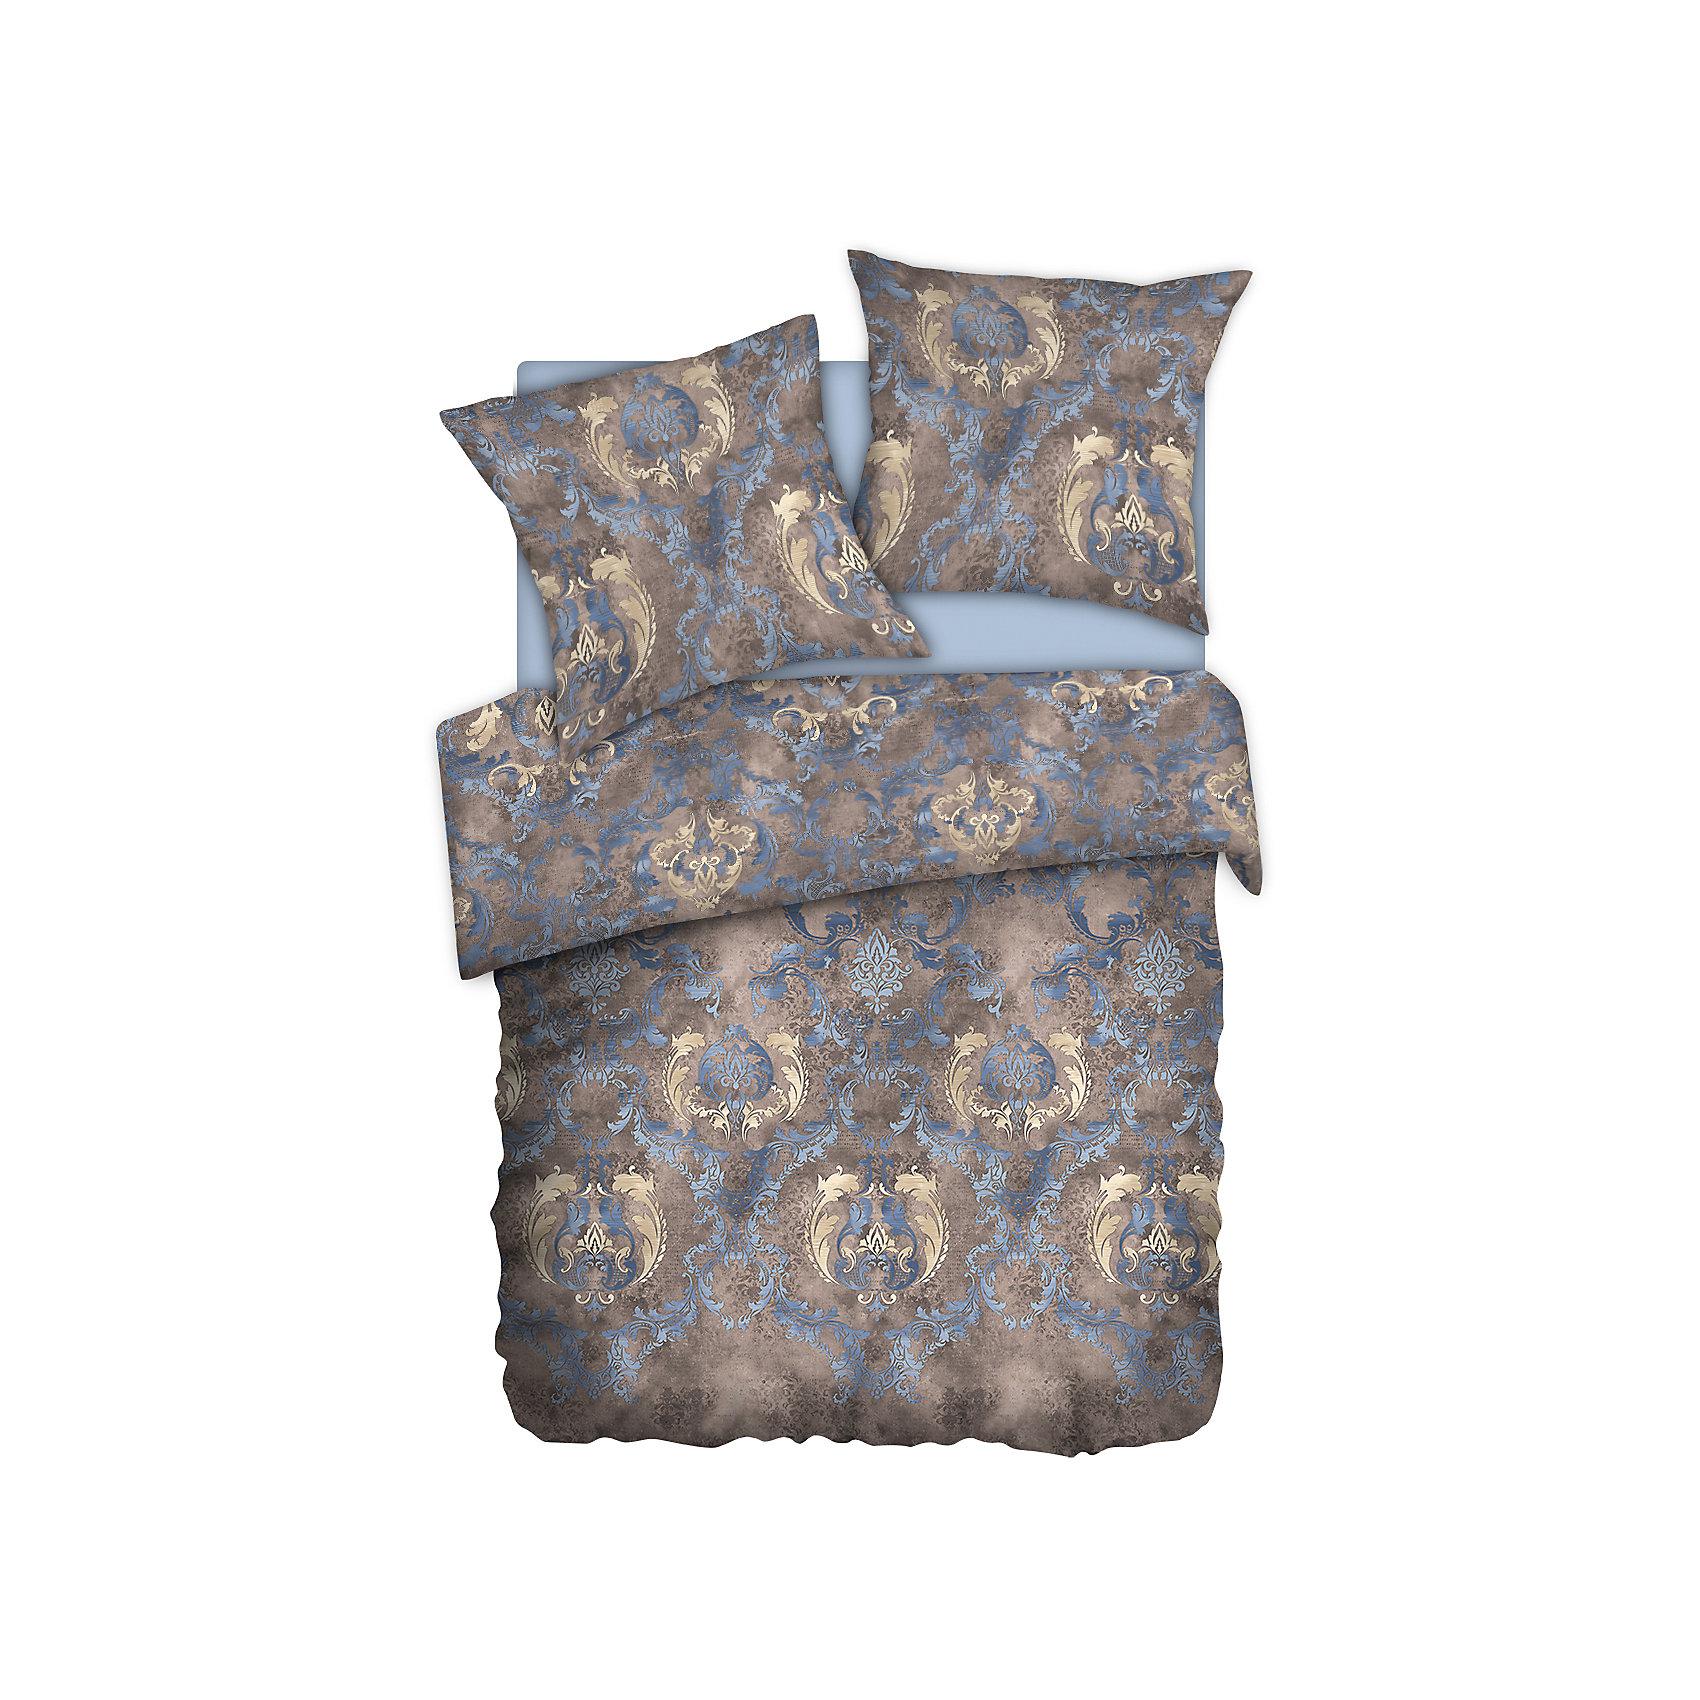 Постельное белье 1,5 Vintage (70*70), перкаль, Carte BlancheДомашний текстиль<br>Постельное белье 1,5 Vintage (70*70), перкаль, Carte Blanche, (Карт Бланш)<br><br>Характеристики:<br><br>• привлекательный дизайн<br>• в комплекте: пододеяльник, простыня, наволочки (2 шт.)<br>• застежка: прорезь<br>• материал: перкаль (100% хлопок)<br>• размер пододеяльника: 215х145 см<br>• размер простыни: 220х150 см<br>• размер наволочки: 70х70 см<br><br>Комплект постельного белья Carte Blanche состоит из пододеяльника, простыни и двух наволочек. Они изготовлены из высококачественной ткани - перкаль. Перкаль - хлопковый материал из тончайших некрученых нитей. обладающий высокой прочностью. Белье не меняет свой вид и не выцветает после многочисленных стирок.  Специальная пропитка Wise Silk придаст белью мягкость. Комплект украшен приятным узором, создающим атмосферу гармонии в вашей спальне. Высококачественное постельное белье - залог крепкого и здорового сна!<br><br>Постельное белье 1,5 Vintage (70*70), перкаль, Carte Blanche, (Карт Бланш) можно купить в нашем интернет-магазине.<br><br>Ширина мм: 350<br>Глубина мм: 290<br>Высота мм: 150<br>Вес г: 1400<br>Возраст от месяцев: 36<br>Возраст до месяцев: 216<br>Пол: Унисекс<br>Возраст: Детский<br>SKU: 5288438